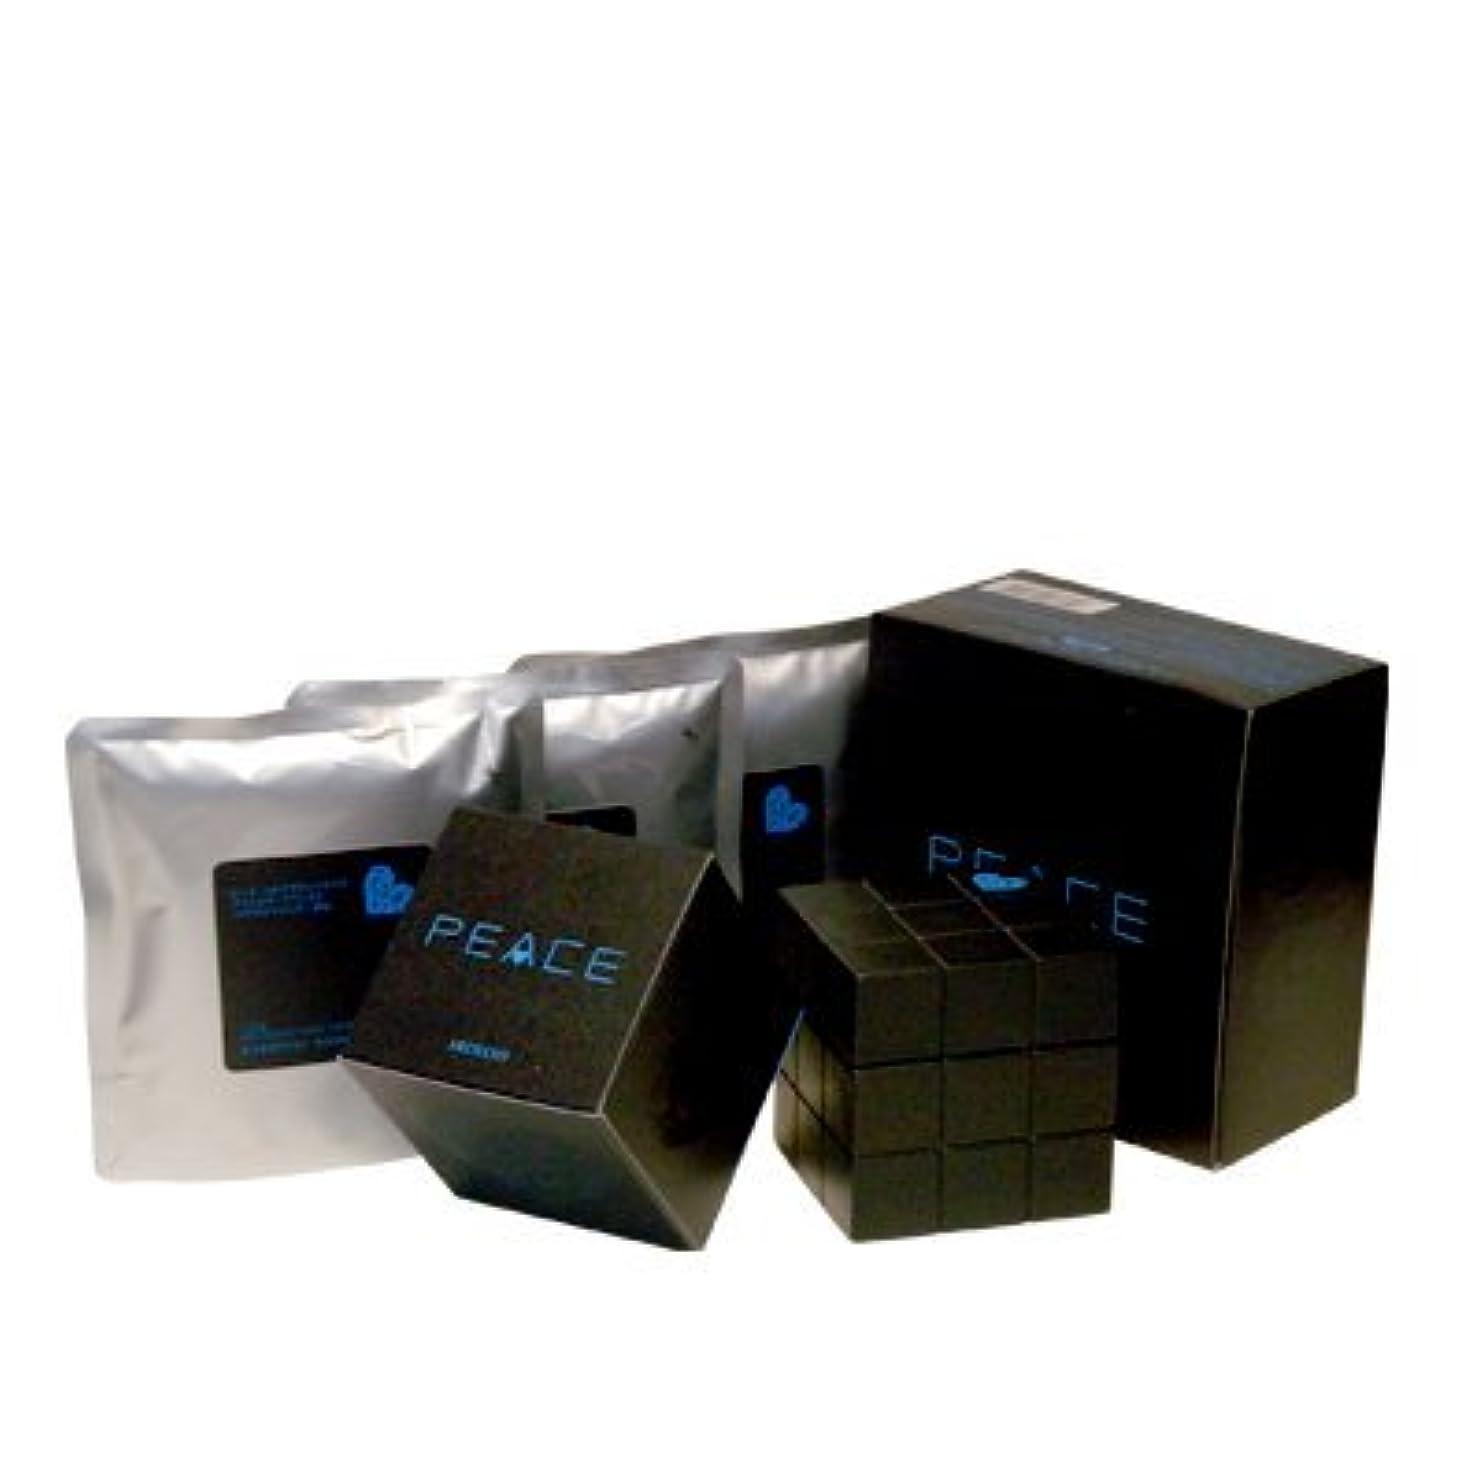 振るうハチマチュピチュアリミノ ピース プロデザインシリーズ フリーズキープワックス ブラック80g+詰め替え80g×3